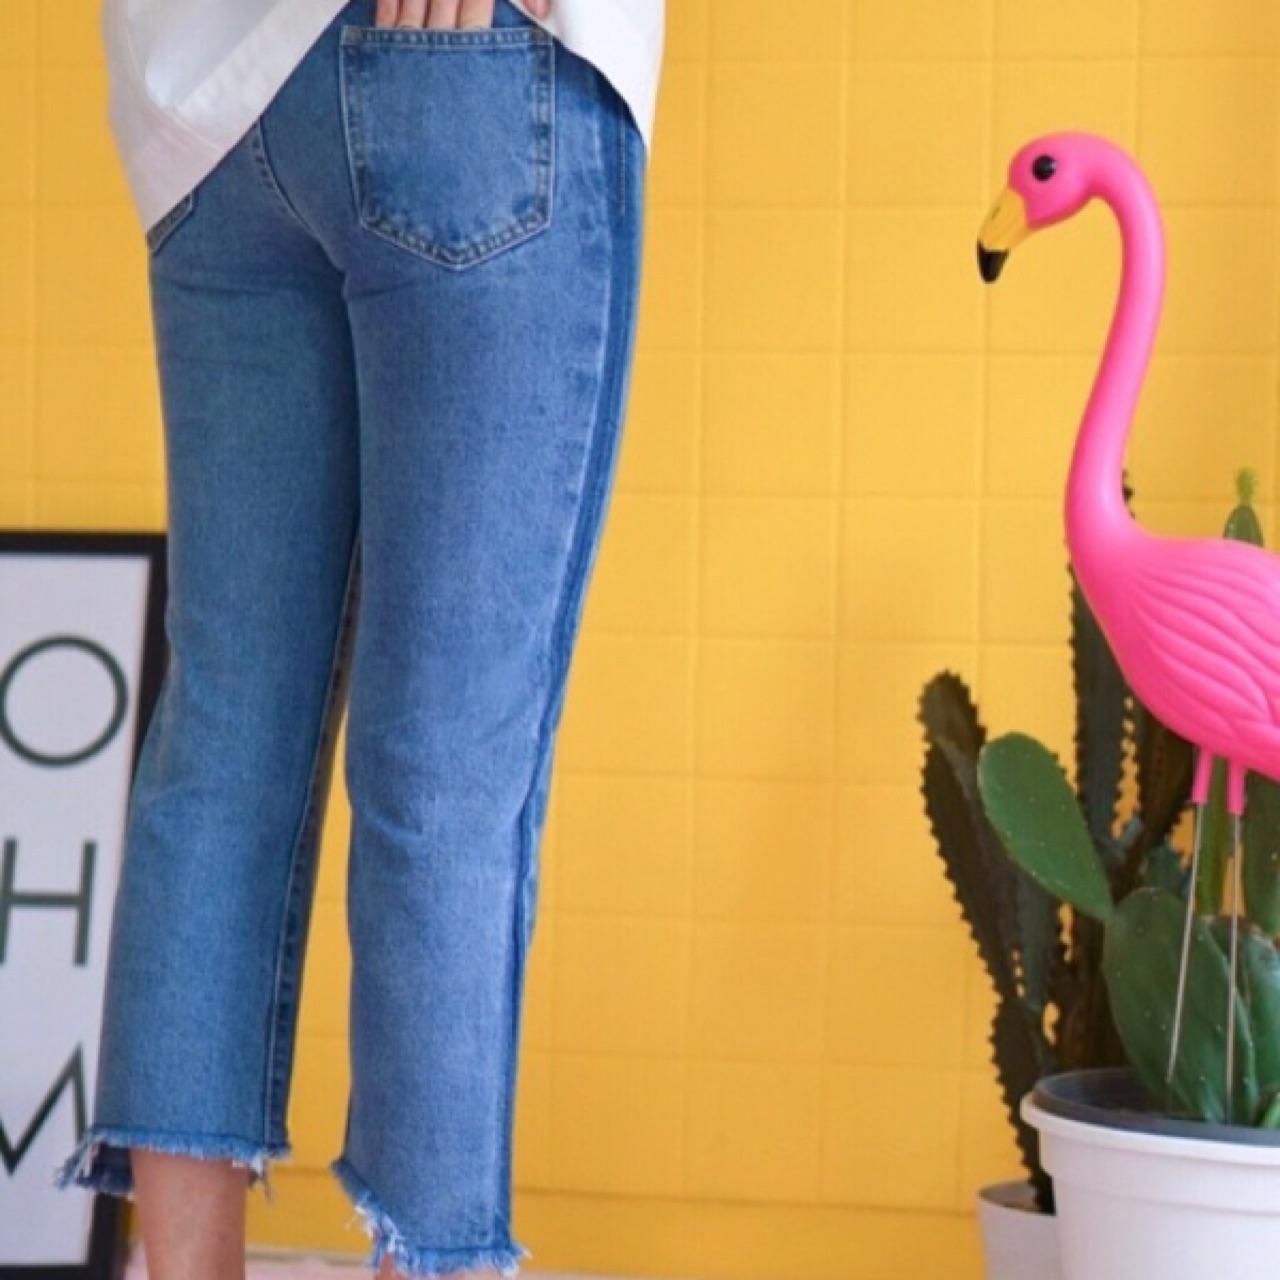 กางเกง,กางเกงผู้หญิง,กางเกงขายาว,กางเกงยีนส์ขายาว,กางเกงขายาวผู้หญิง